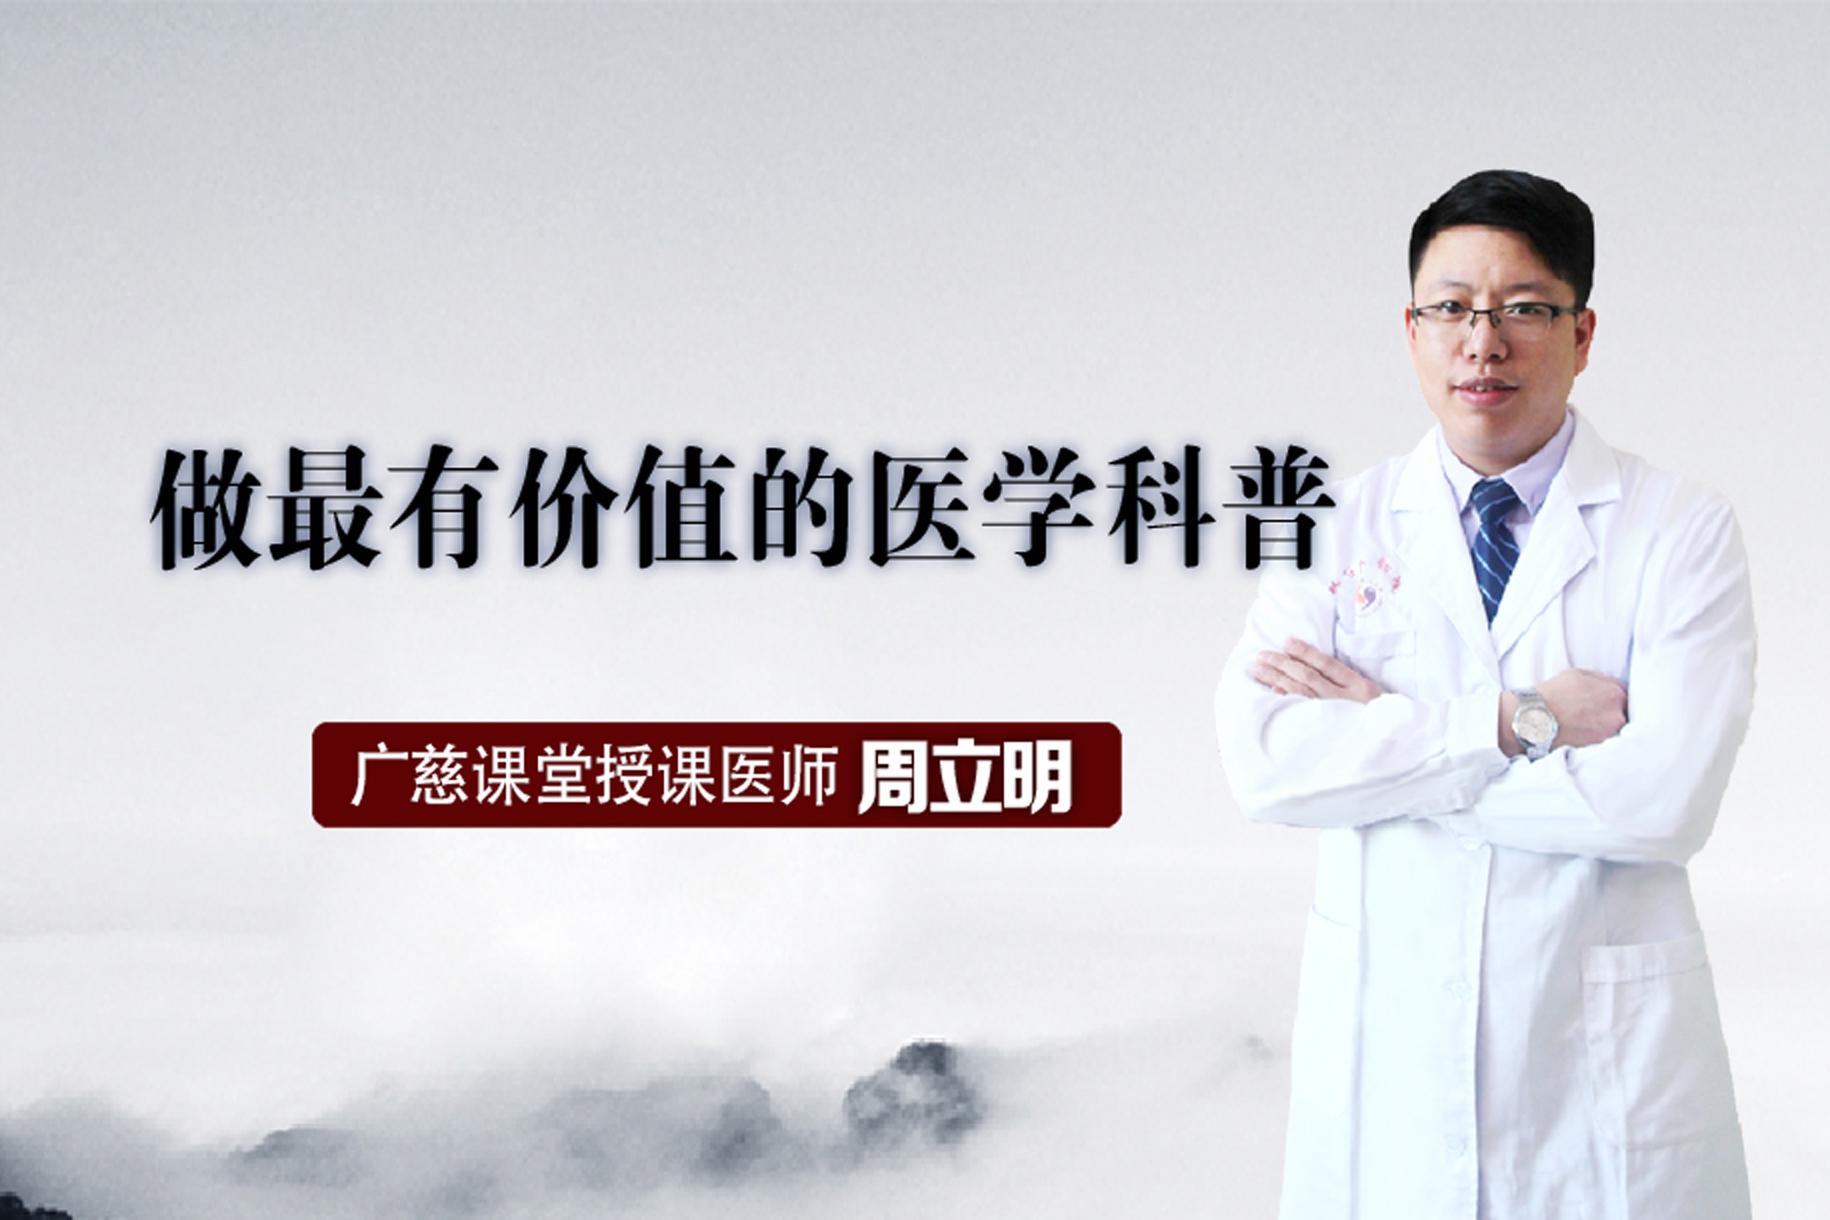 邢台广慈医院主任讲解《精液发黄要明晰病因》